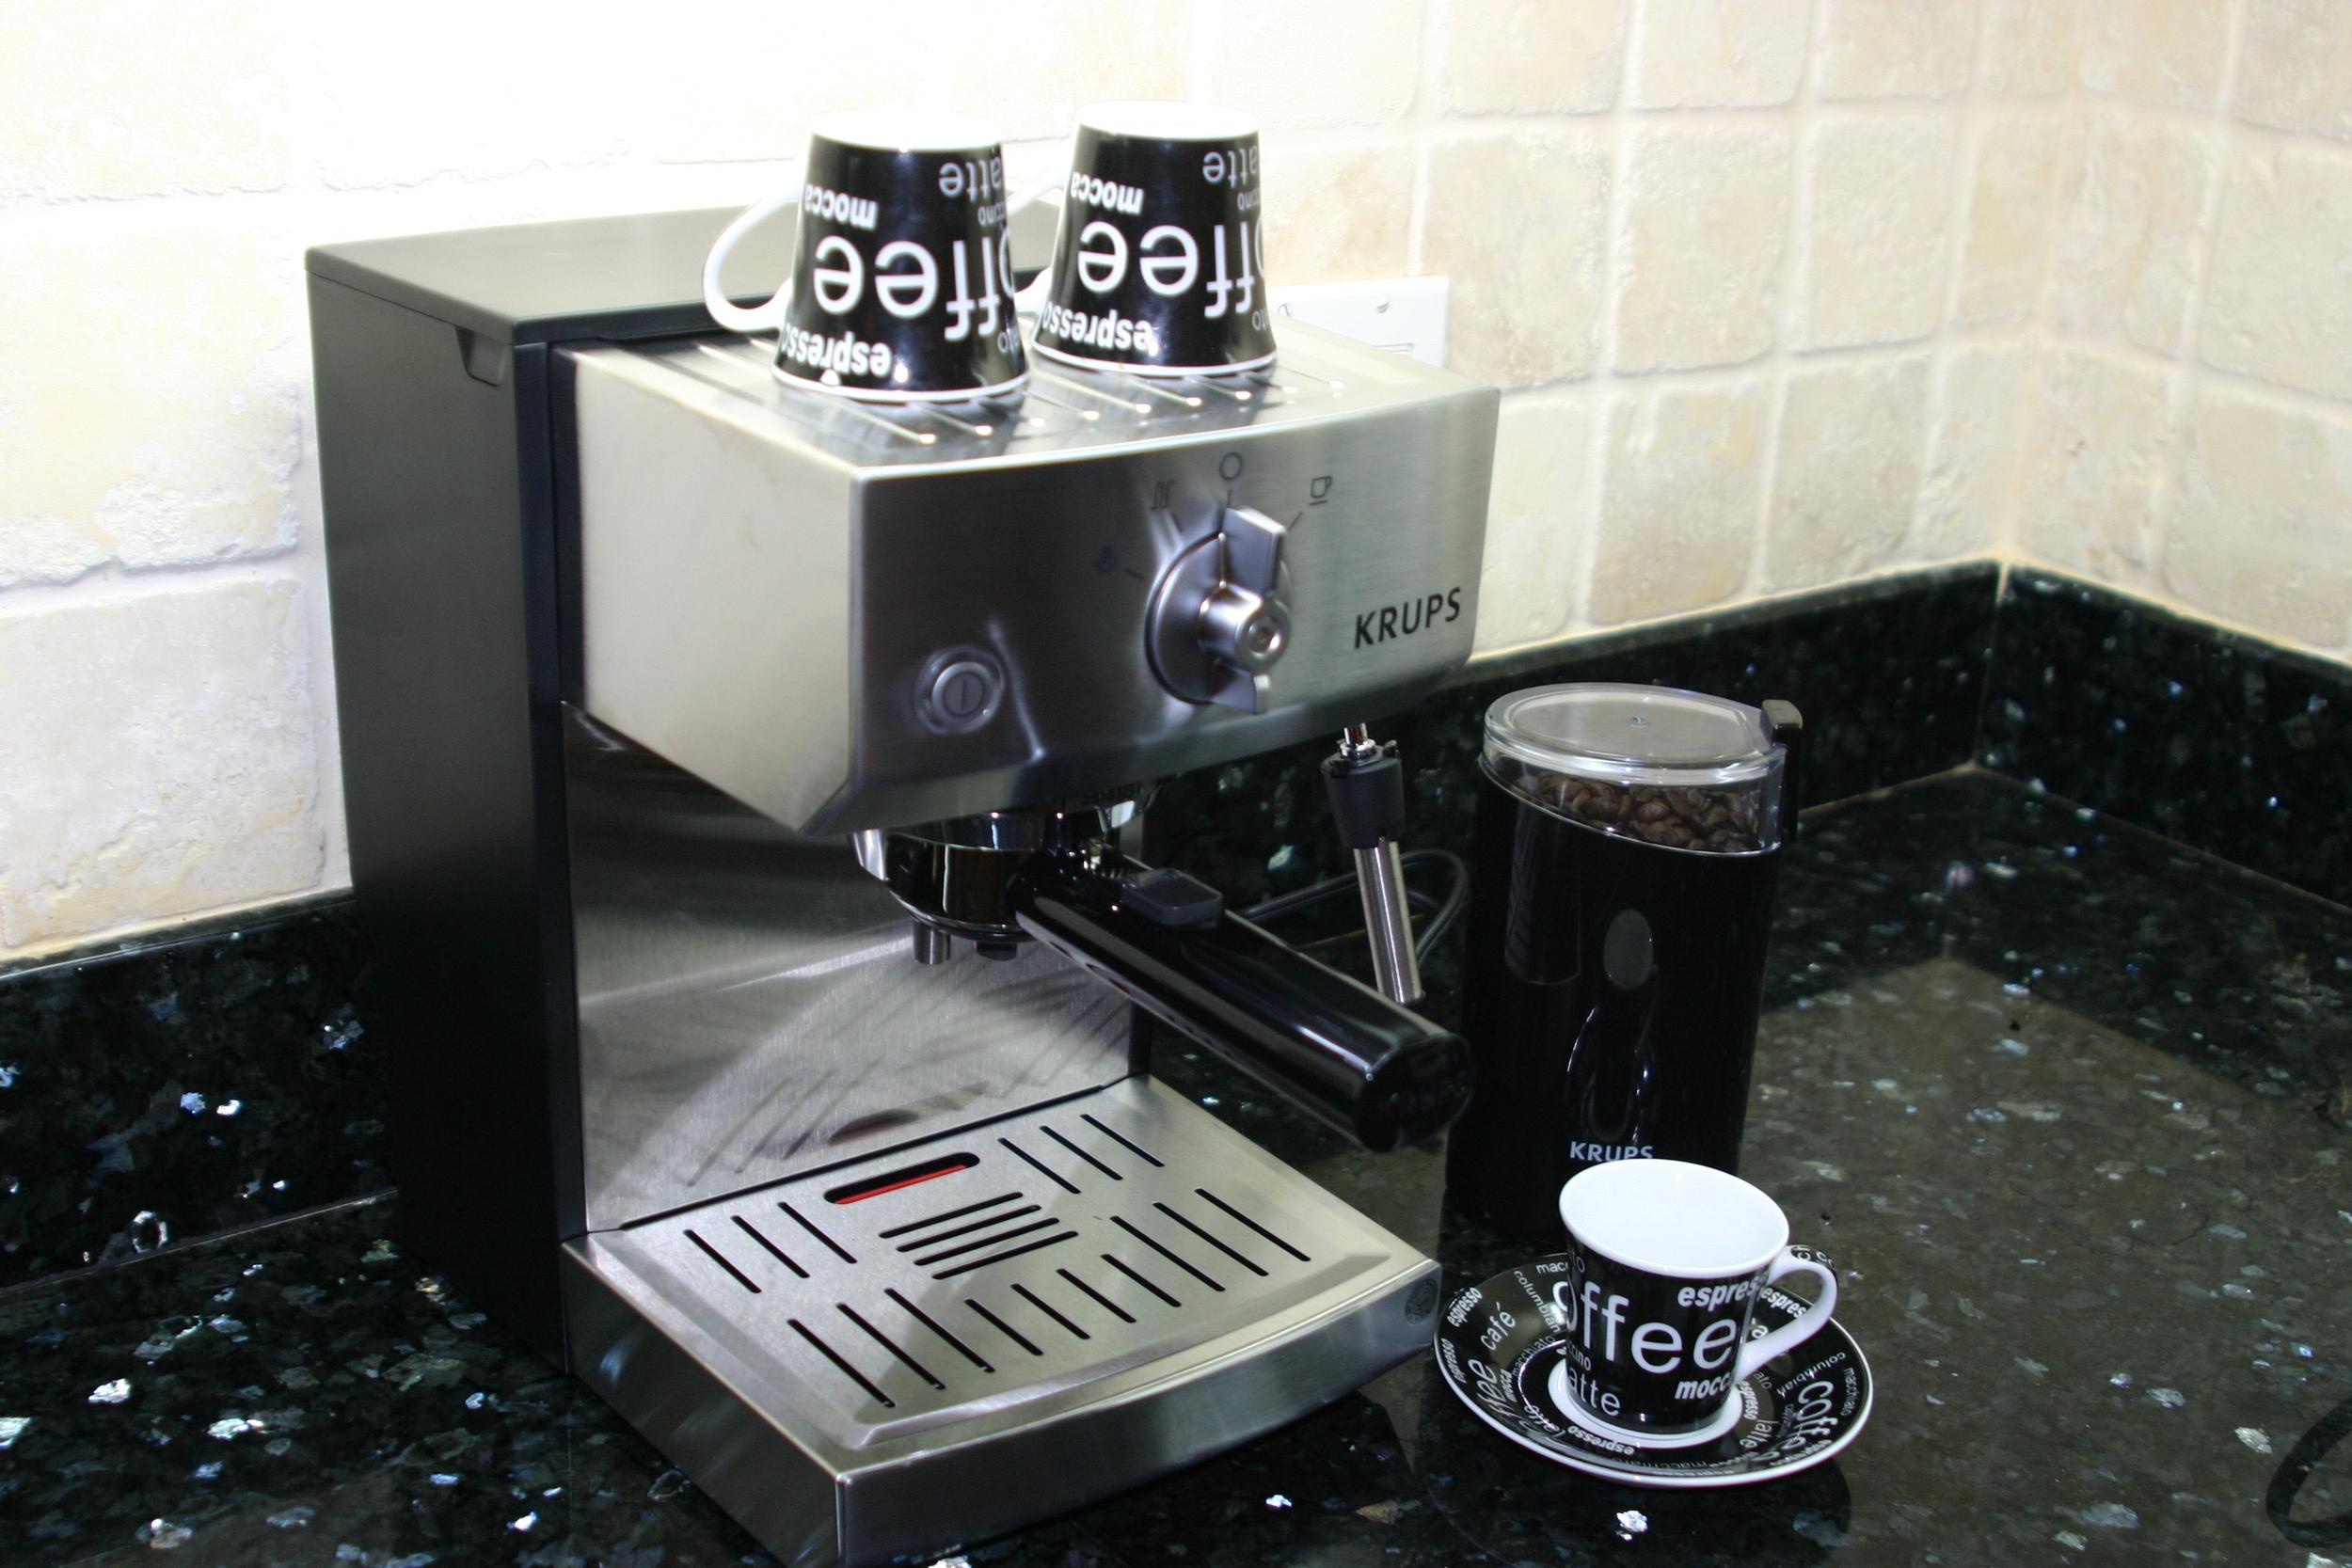 The new espresso machine